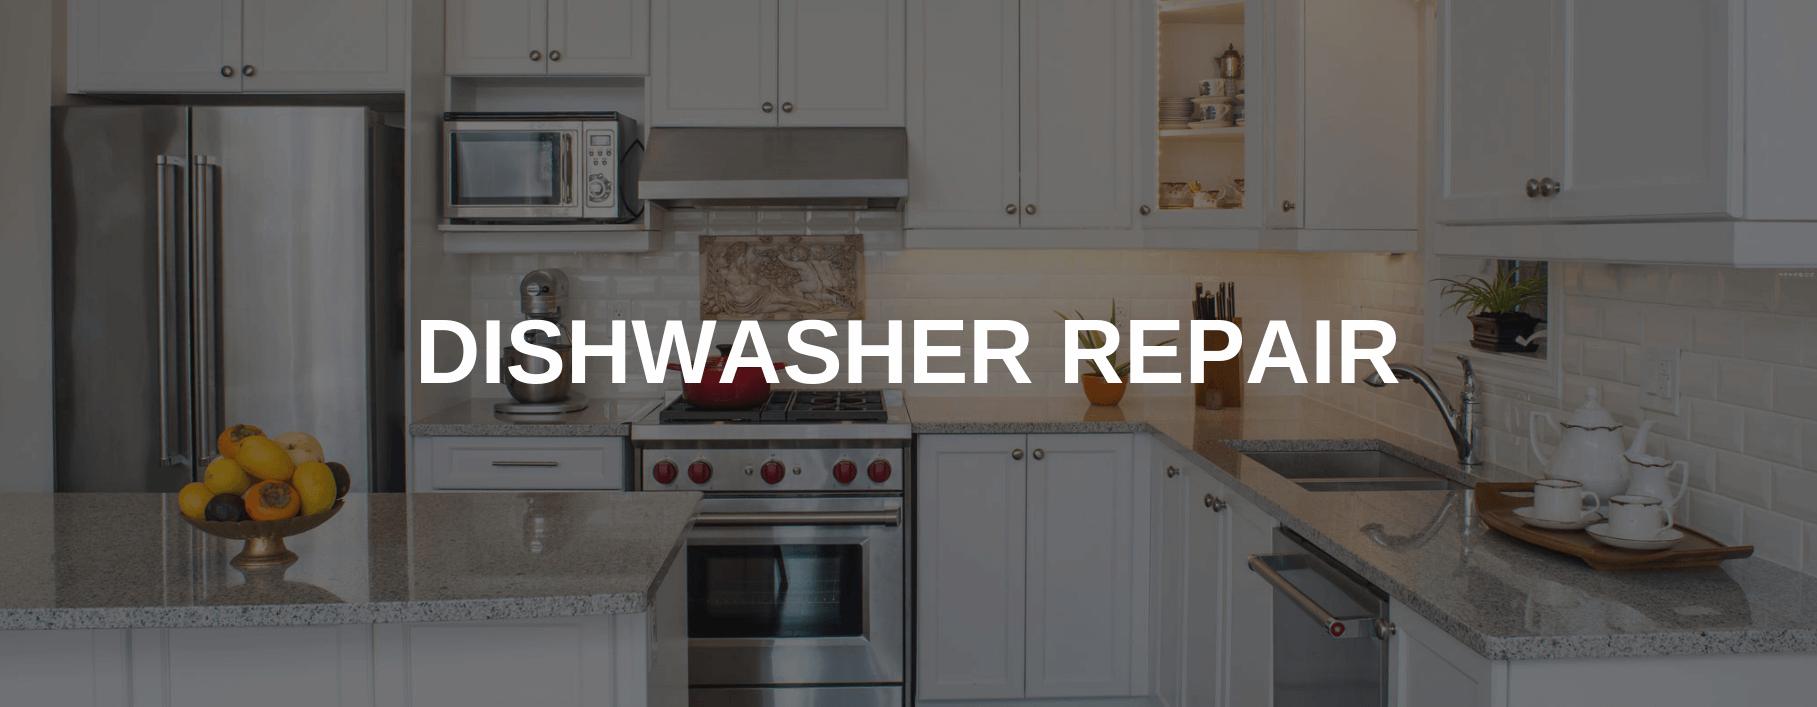 dishwasher repair Ansonia